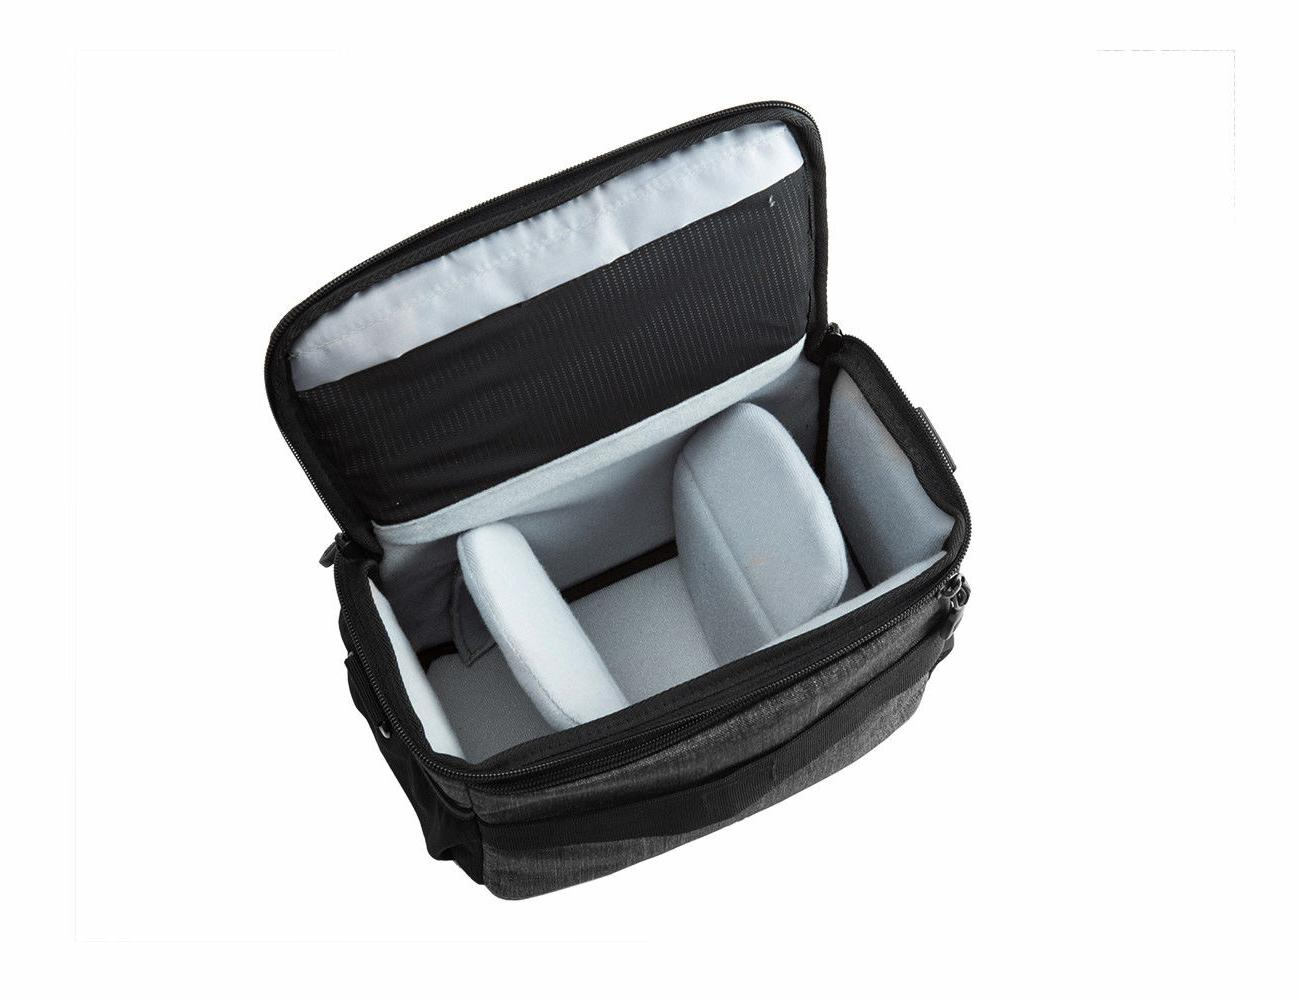 BAGSMART Compact Bag Waterproof